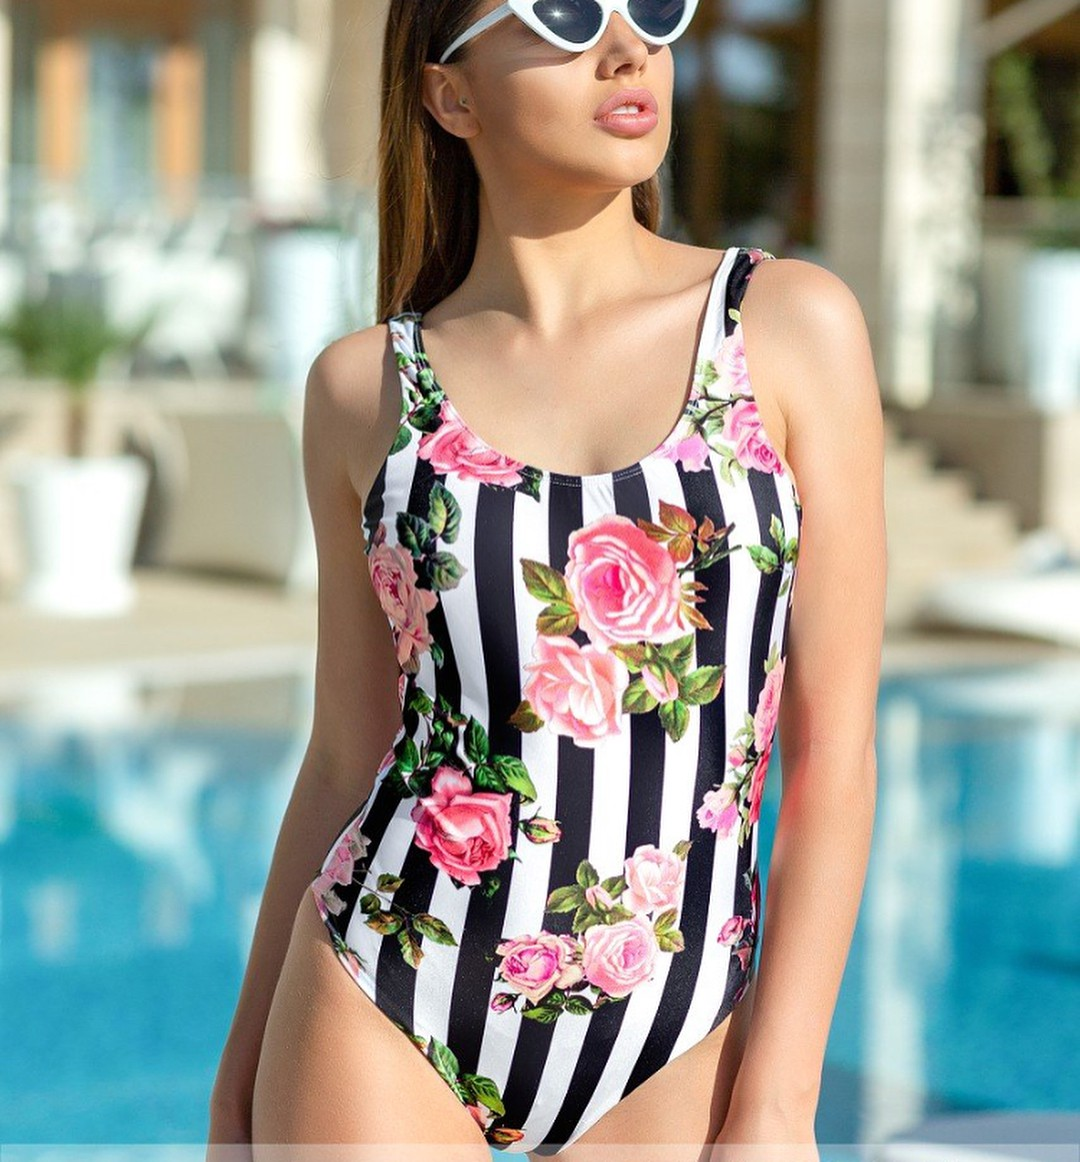 8 kiểu thời trang bãi biển đã lỗi thời, chị em cần tránh để không bị lạc lõng giữa kỳ nghỉ hè - Ảnh 6.